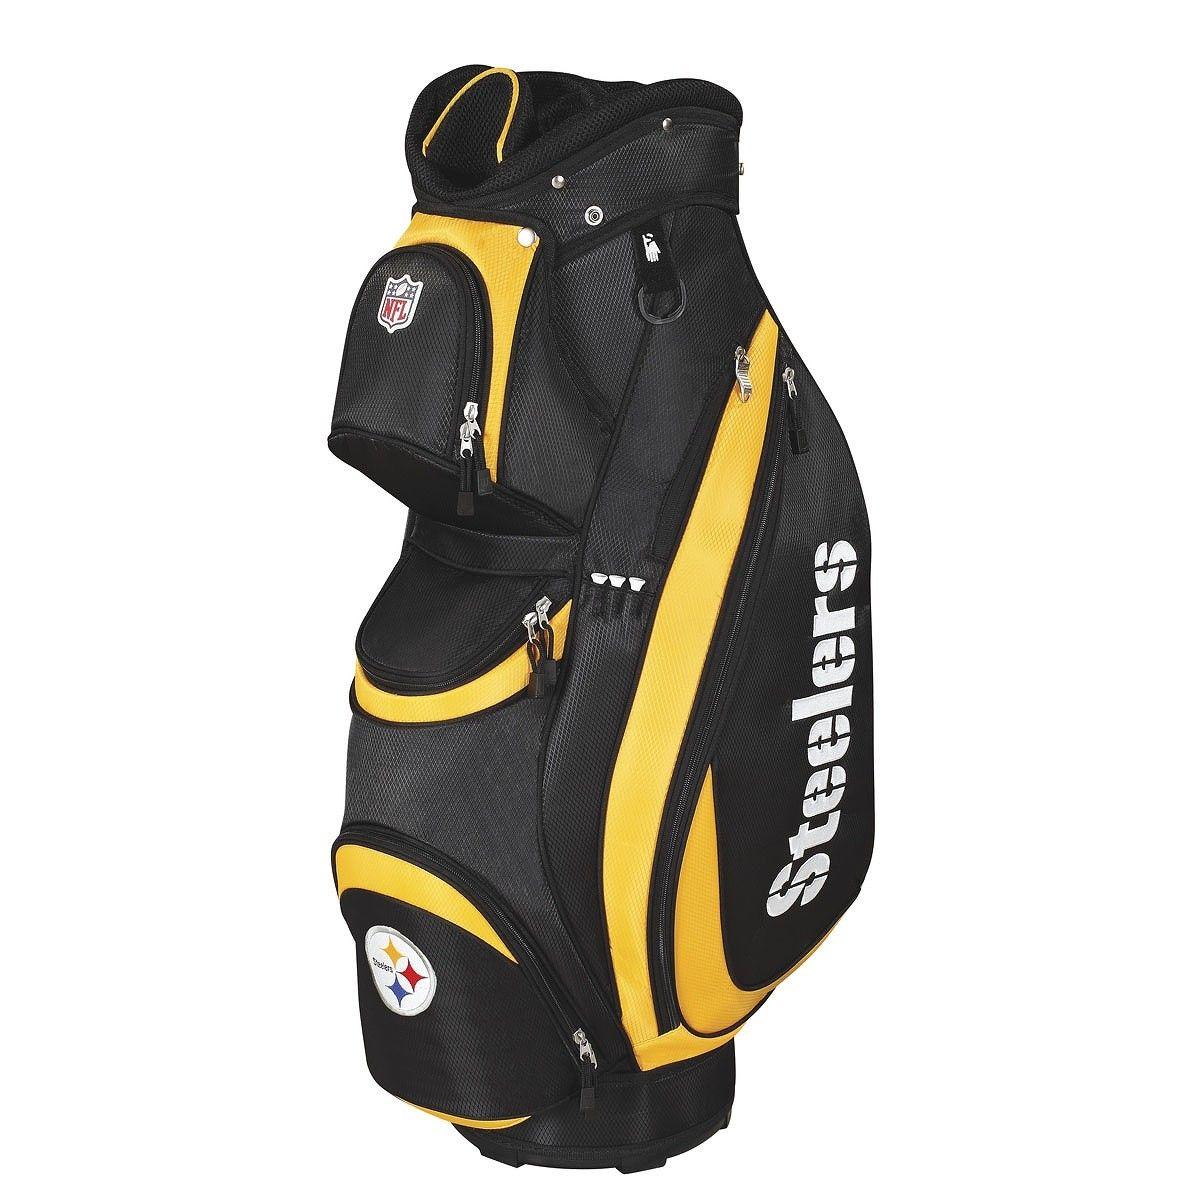 Wilson NFL Cart Golf Bag from golfskipin Golf bags